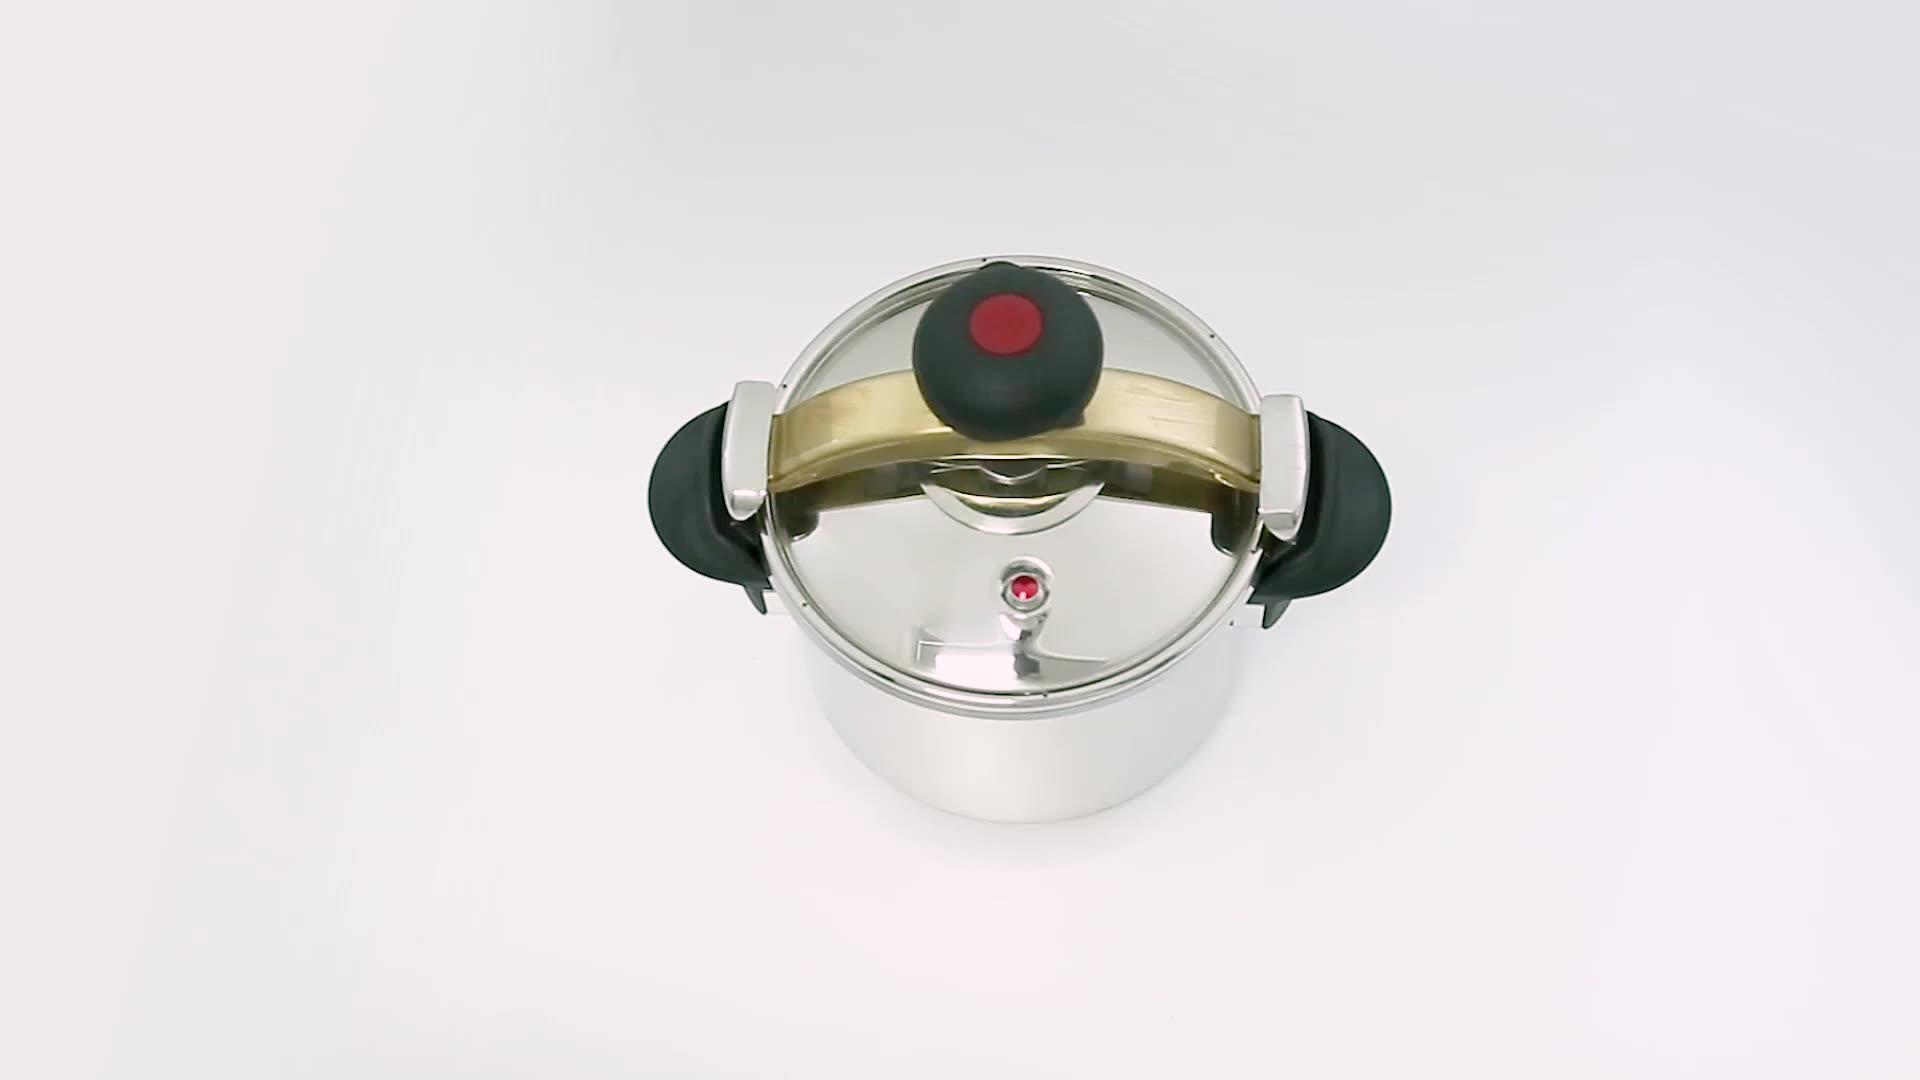 Высокое качество газовая плита кухонная посуда 304 нержавеющая сталь скороварка